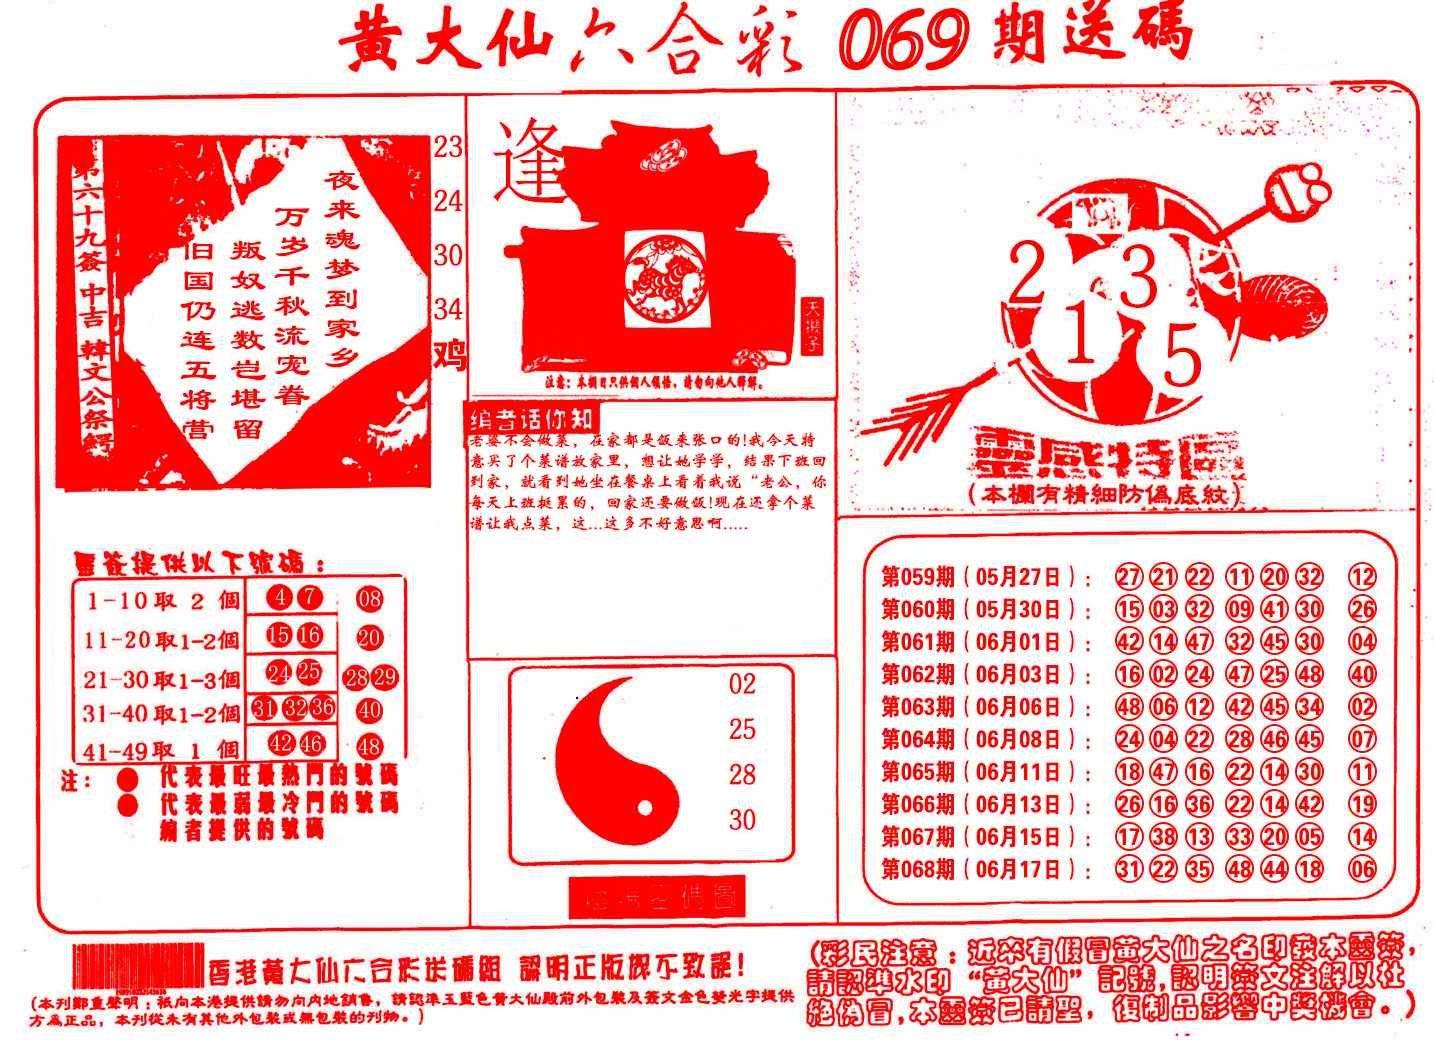 069期黄大仙射箭(信封)